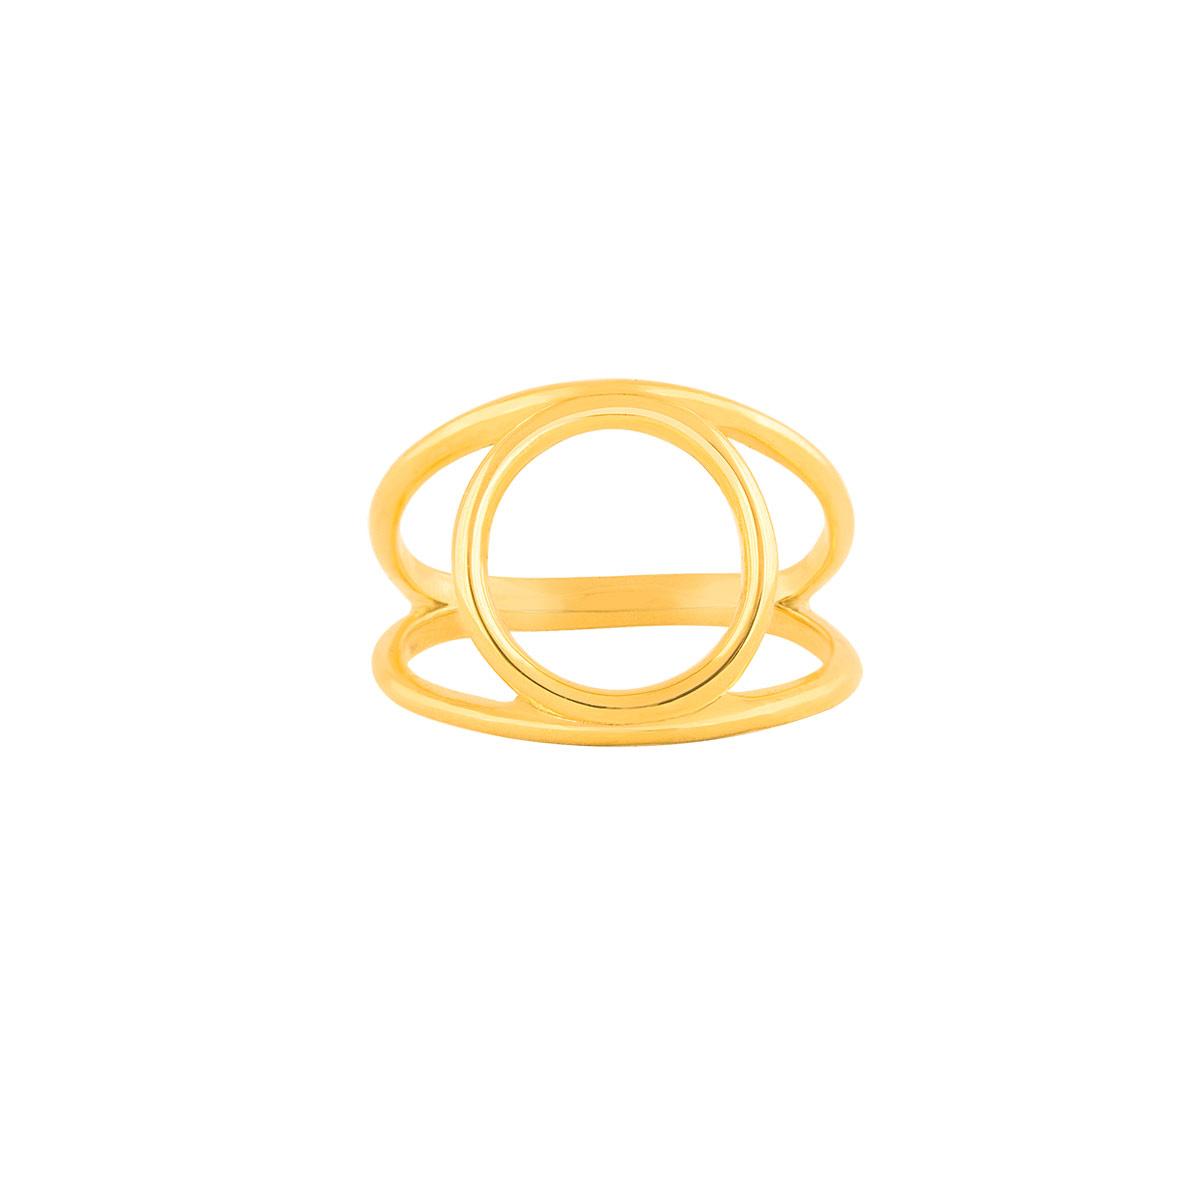 انگشتر طلا دو رینگ دامله پرسته